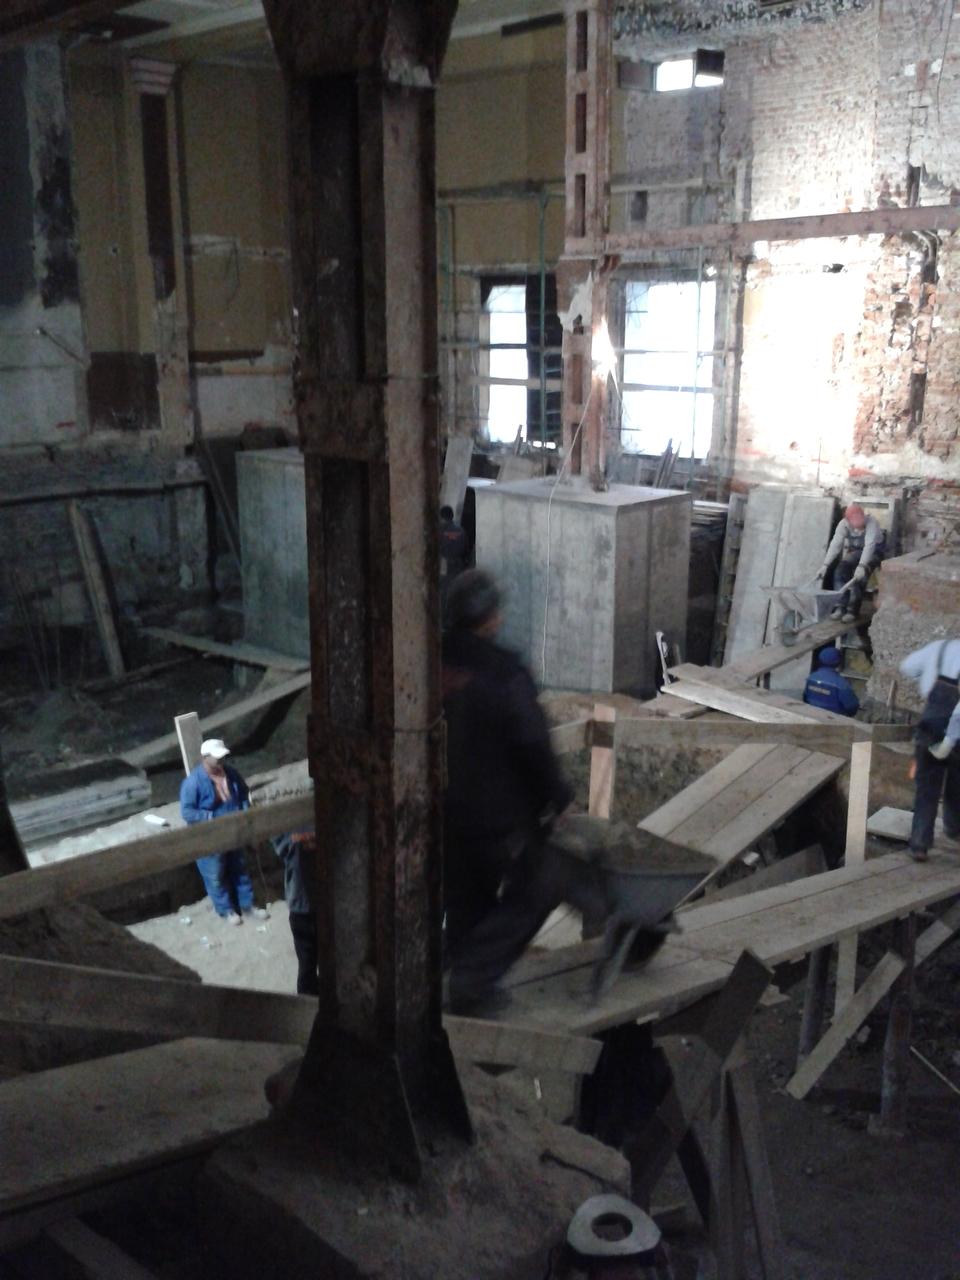 Ilyen vasoszlopok tartják a több emeletes épületet